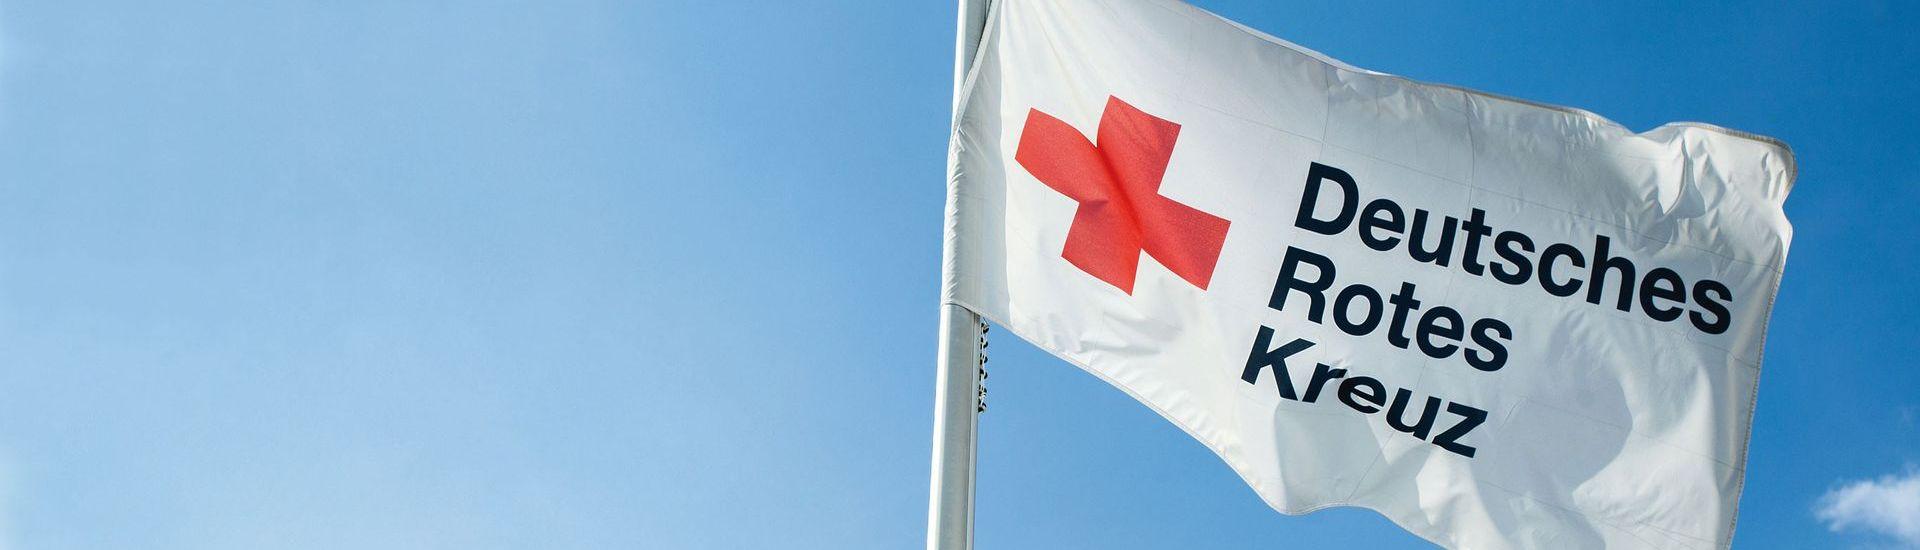 Deutsches Rotes Kreuz Ev Drk Ev